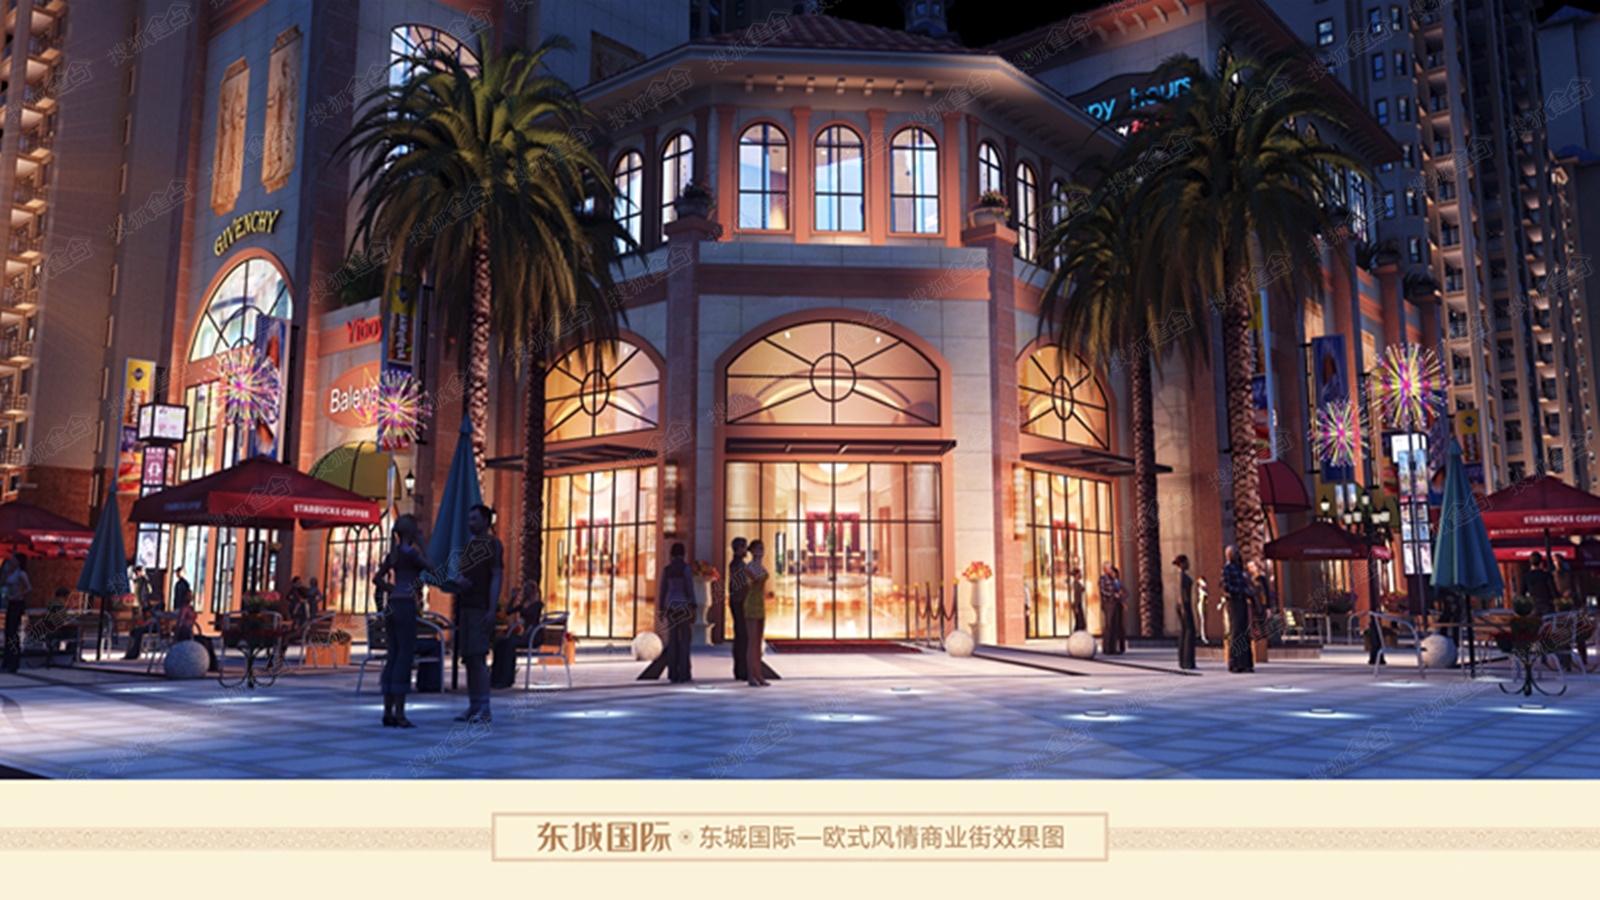 国际东城国际 欧式风情商业街效果图2